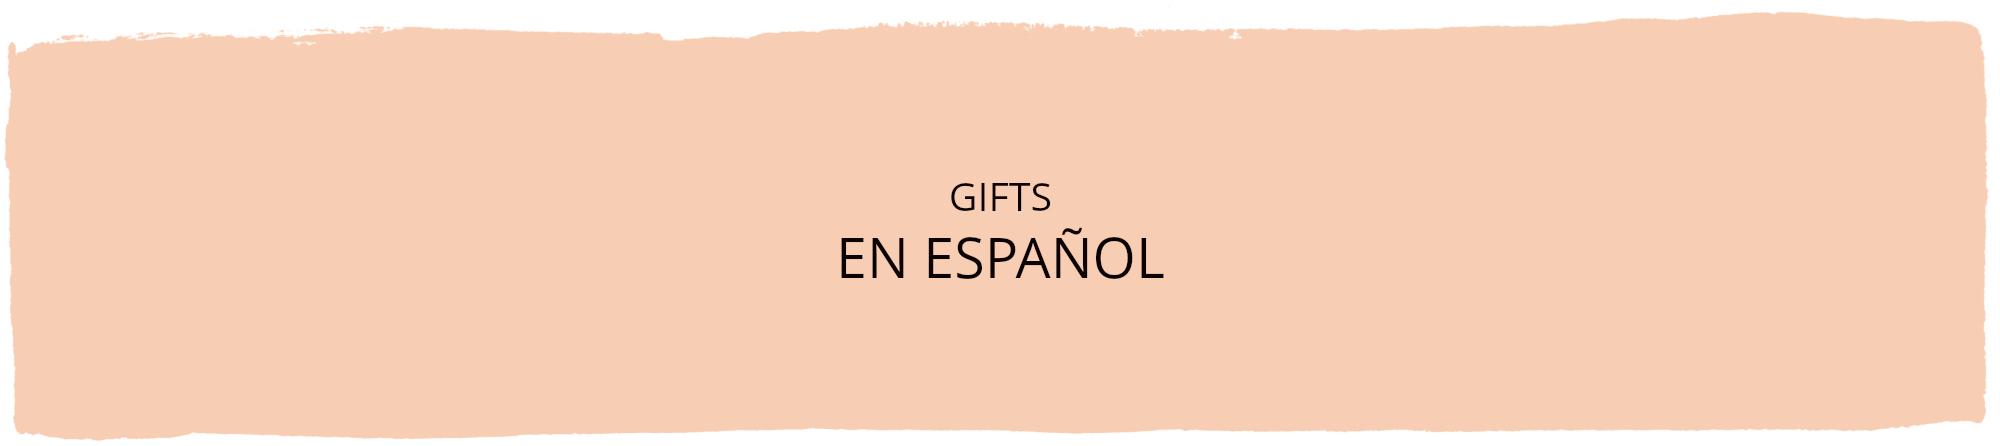 Gifts- Spanish.jpg